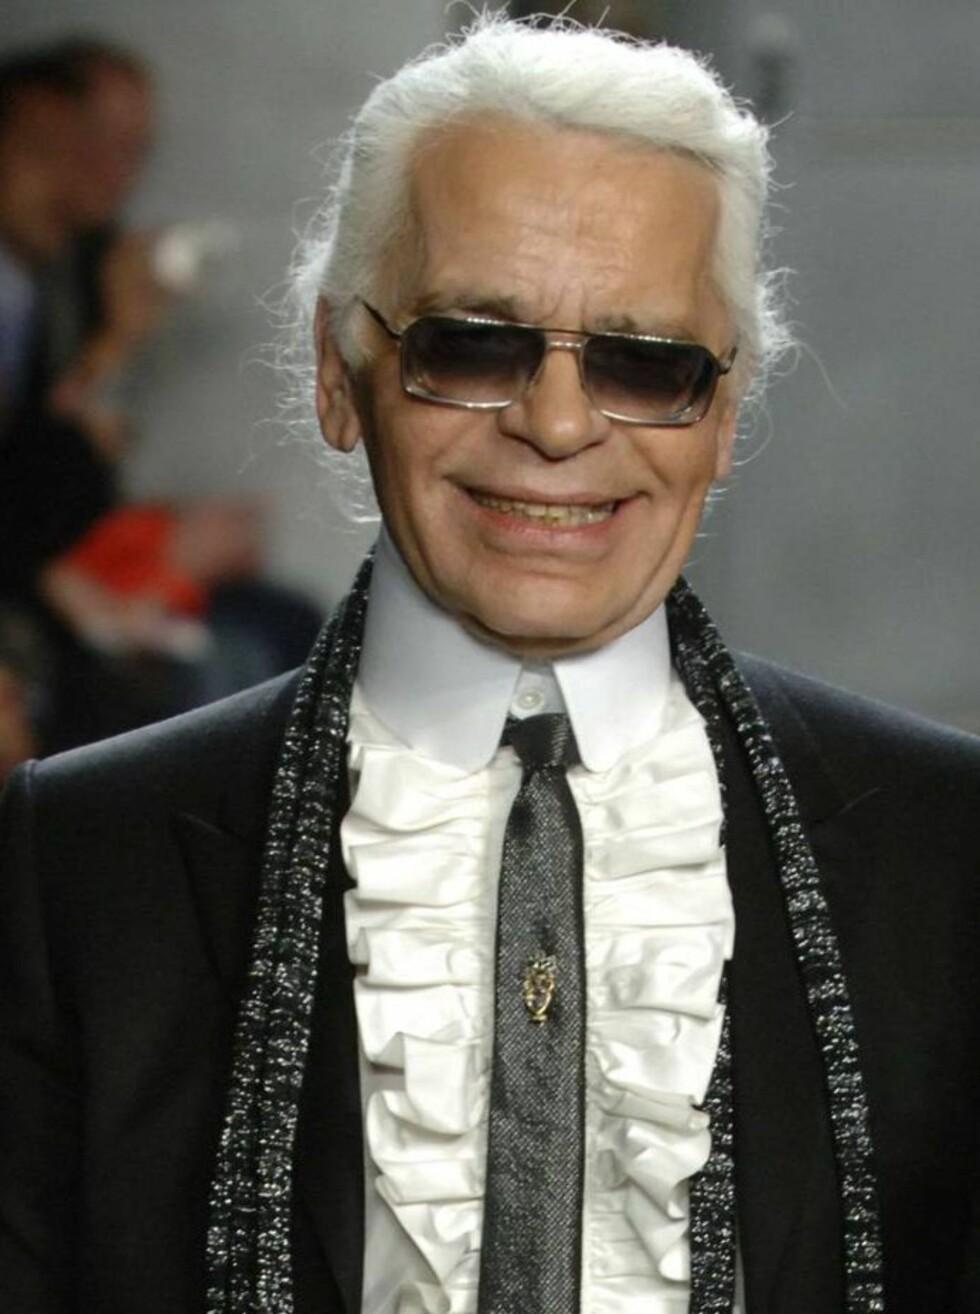 NEKTER: Karl ønsker seg en langt mer sofistikert kvinne. Foto: All Over Press